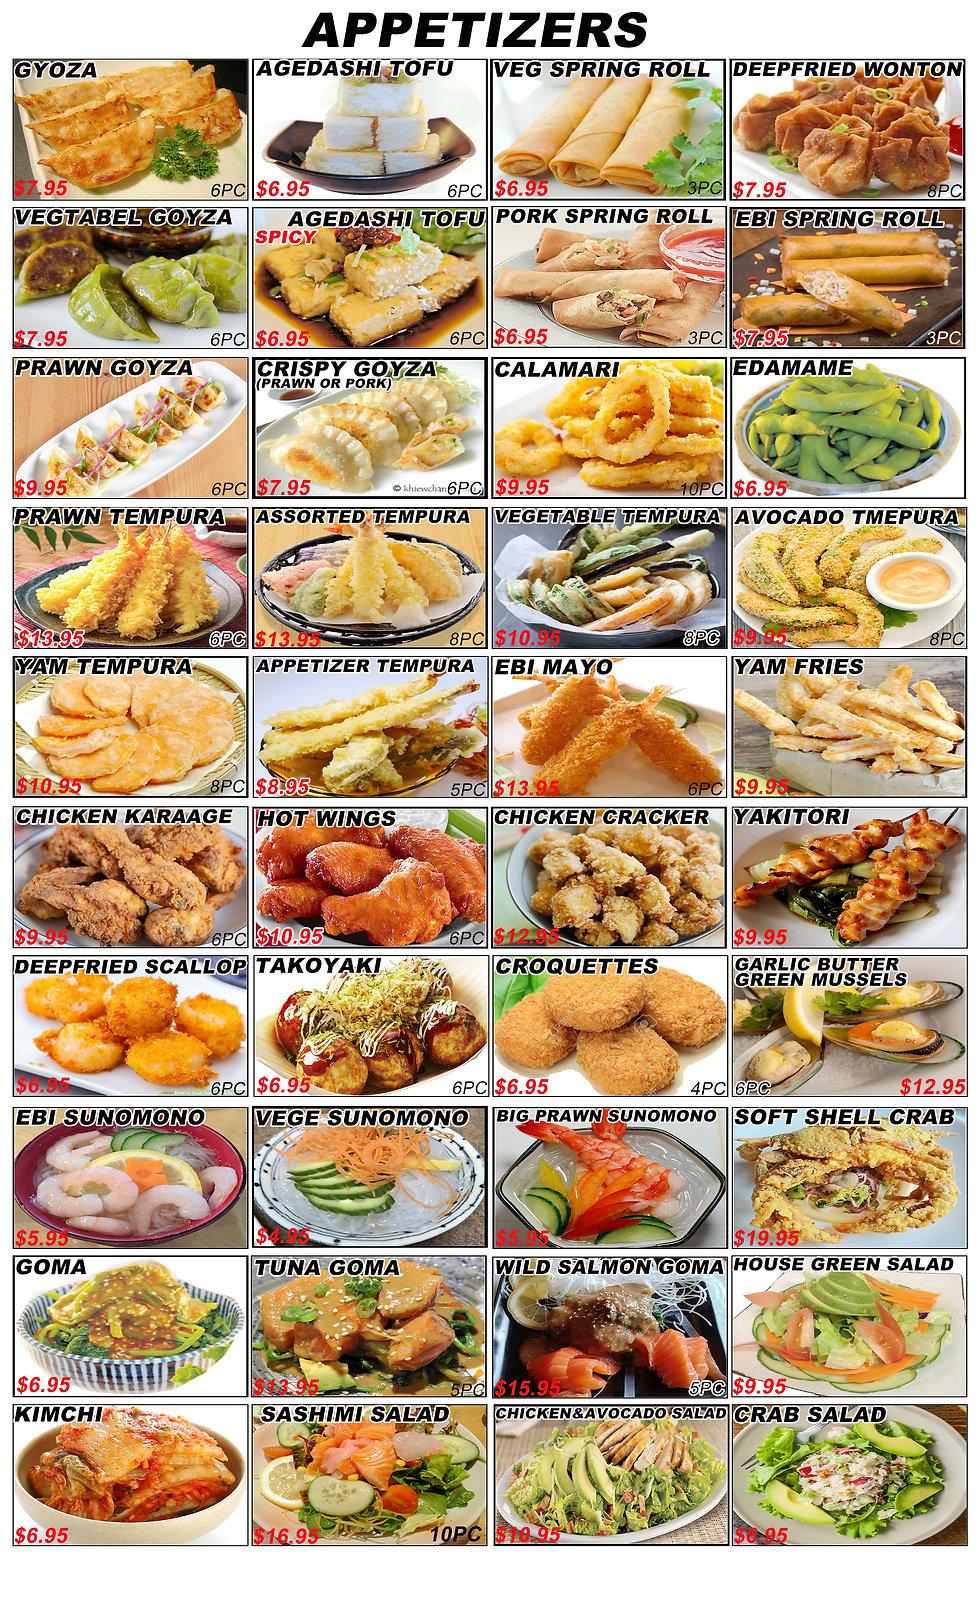 Appetizer9.jpg